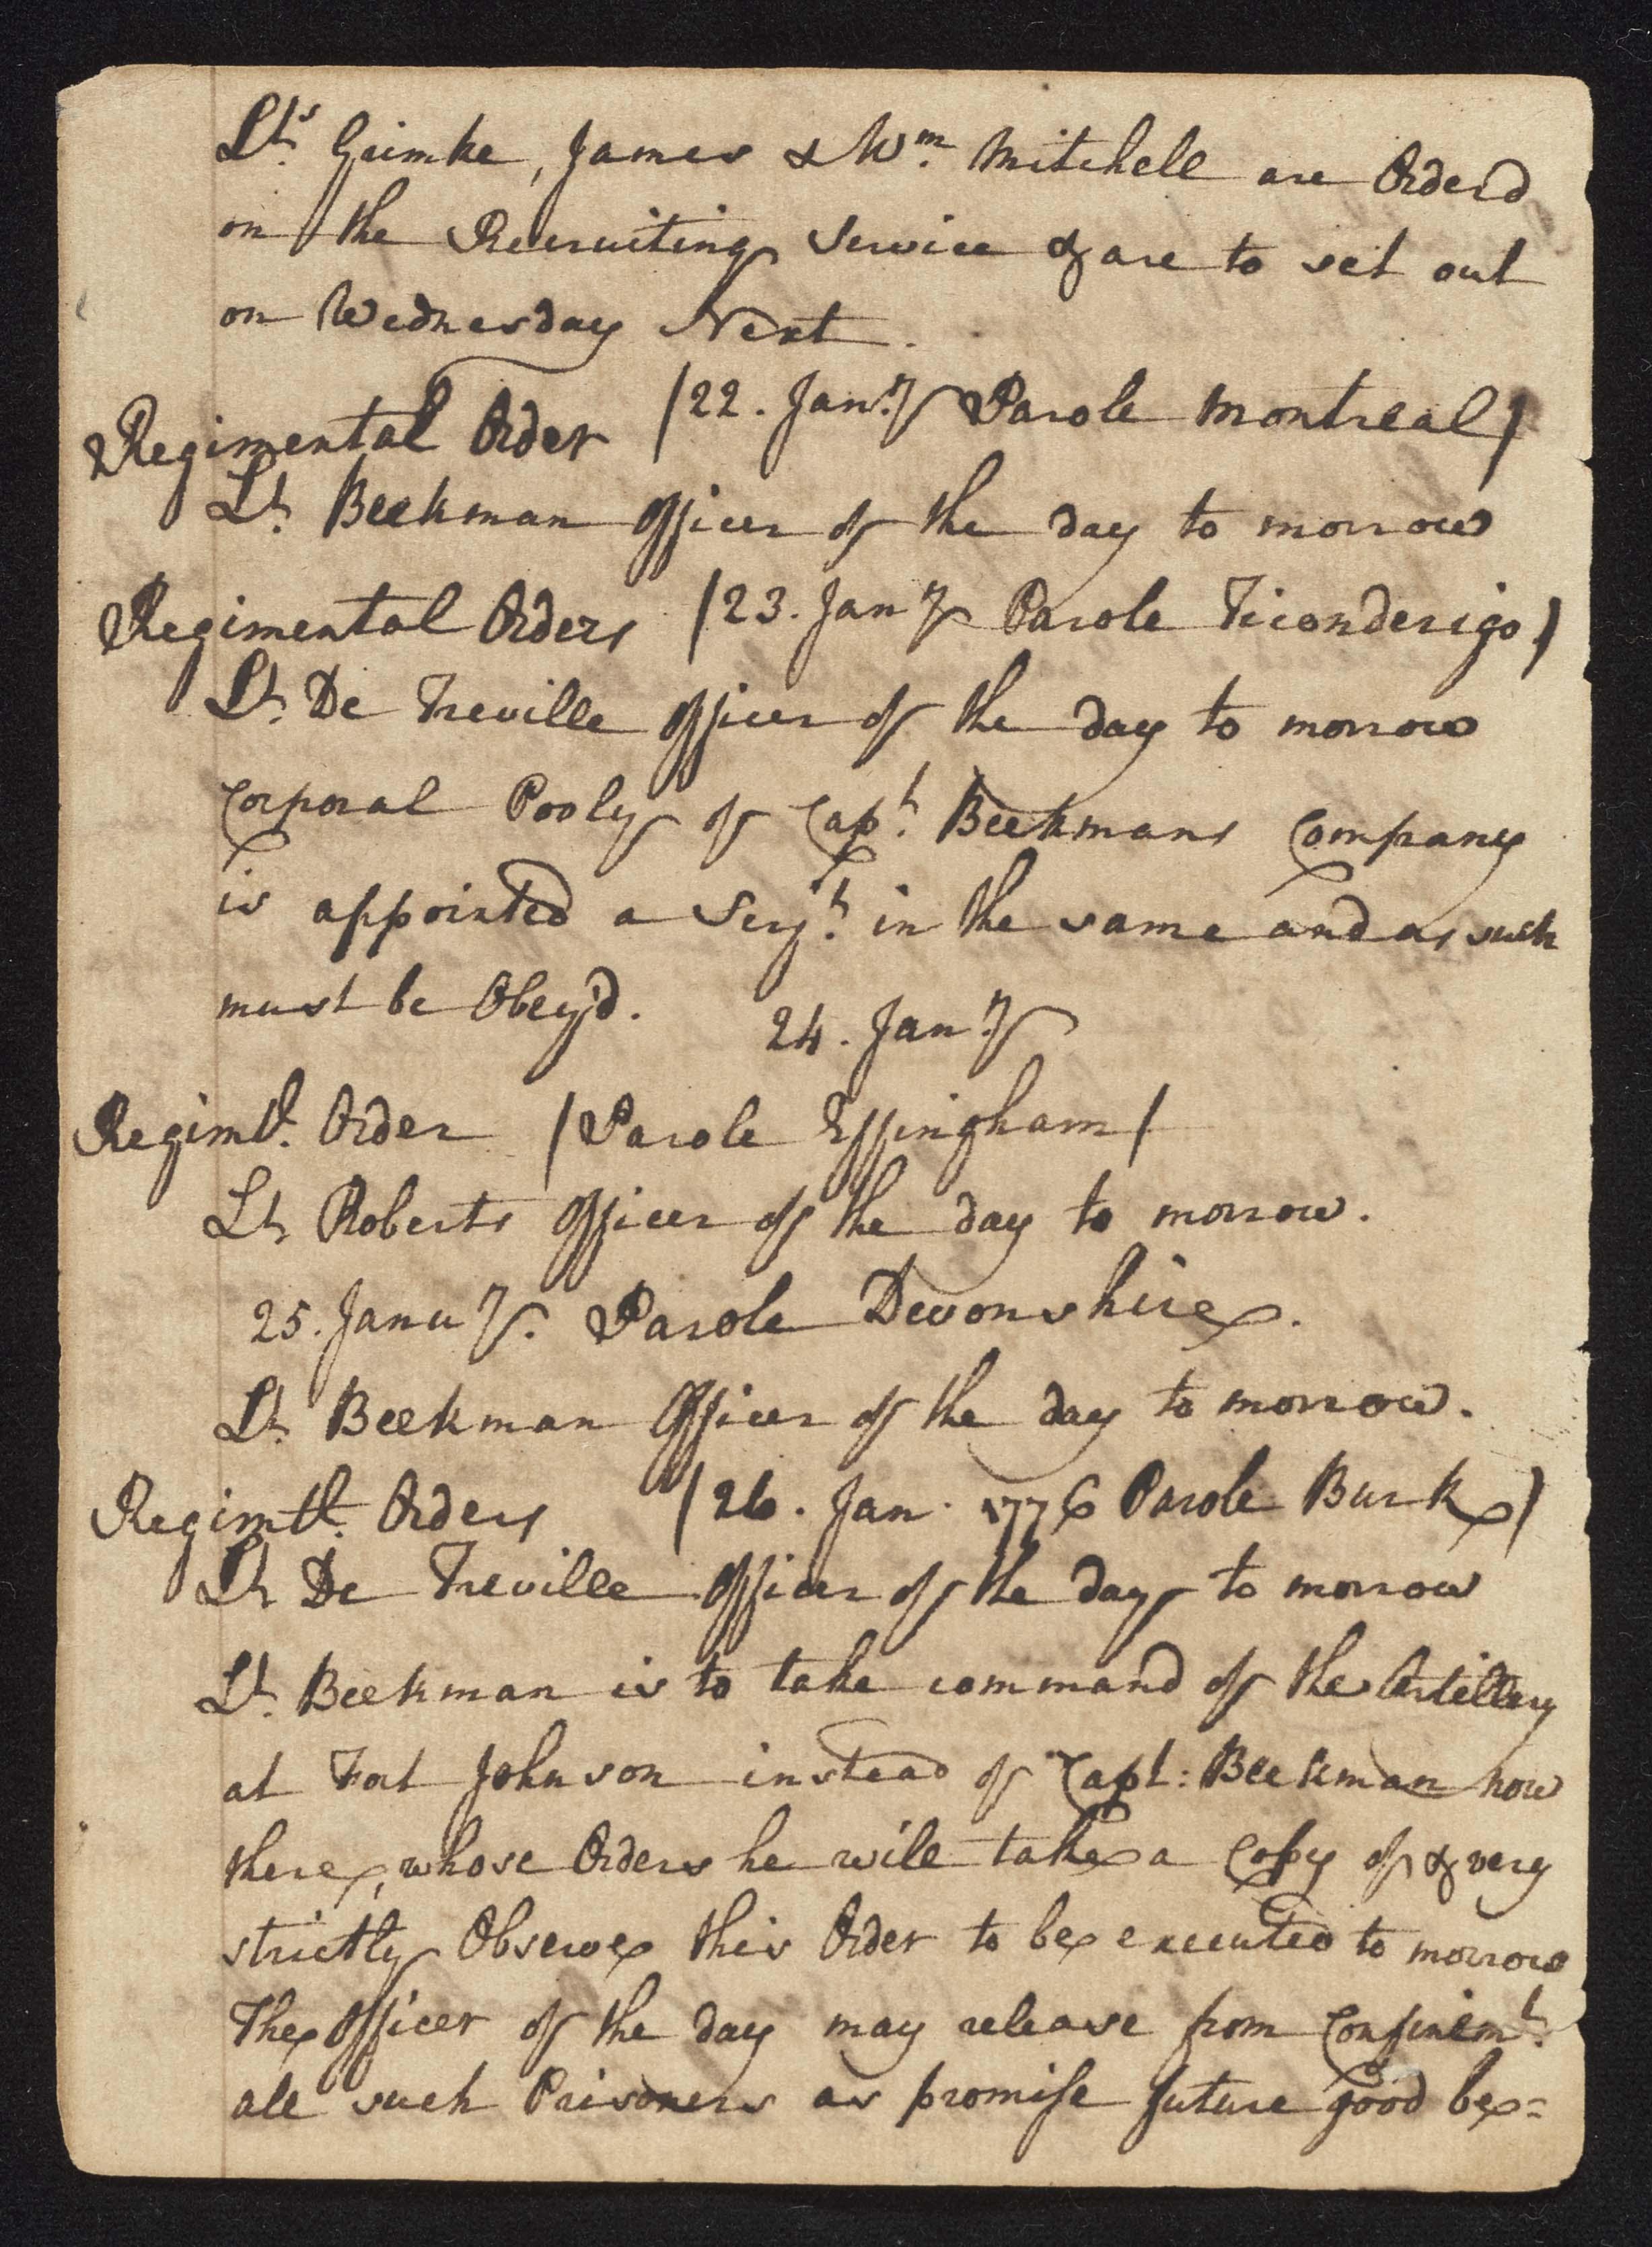 South Carolina Regiment Order Book, Page 66